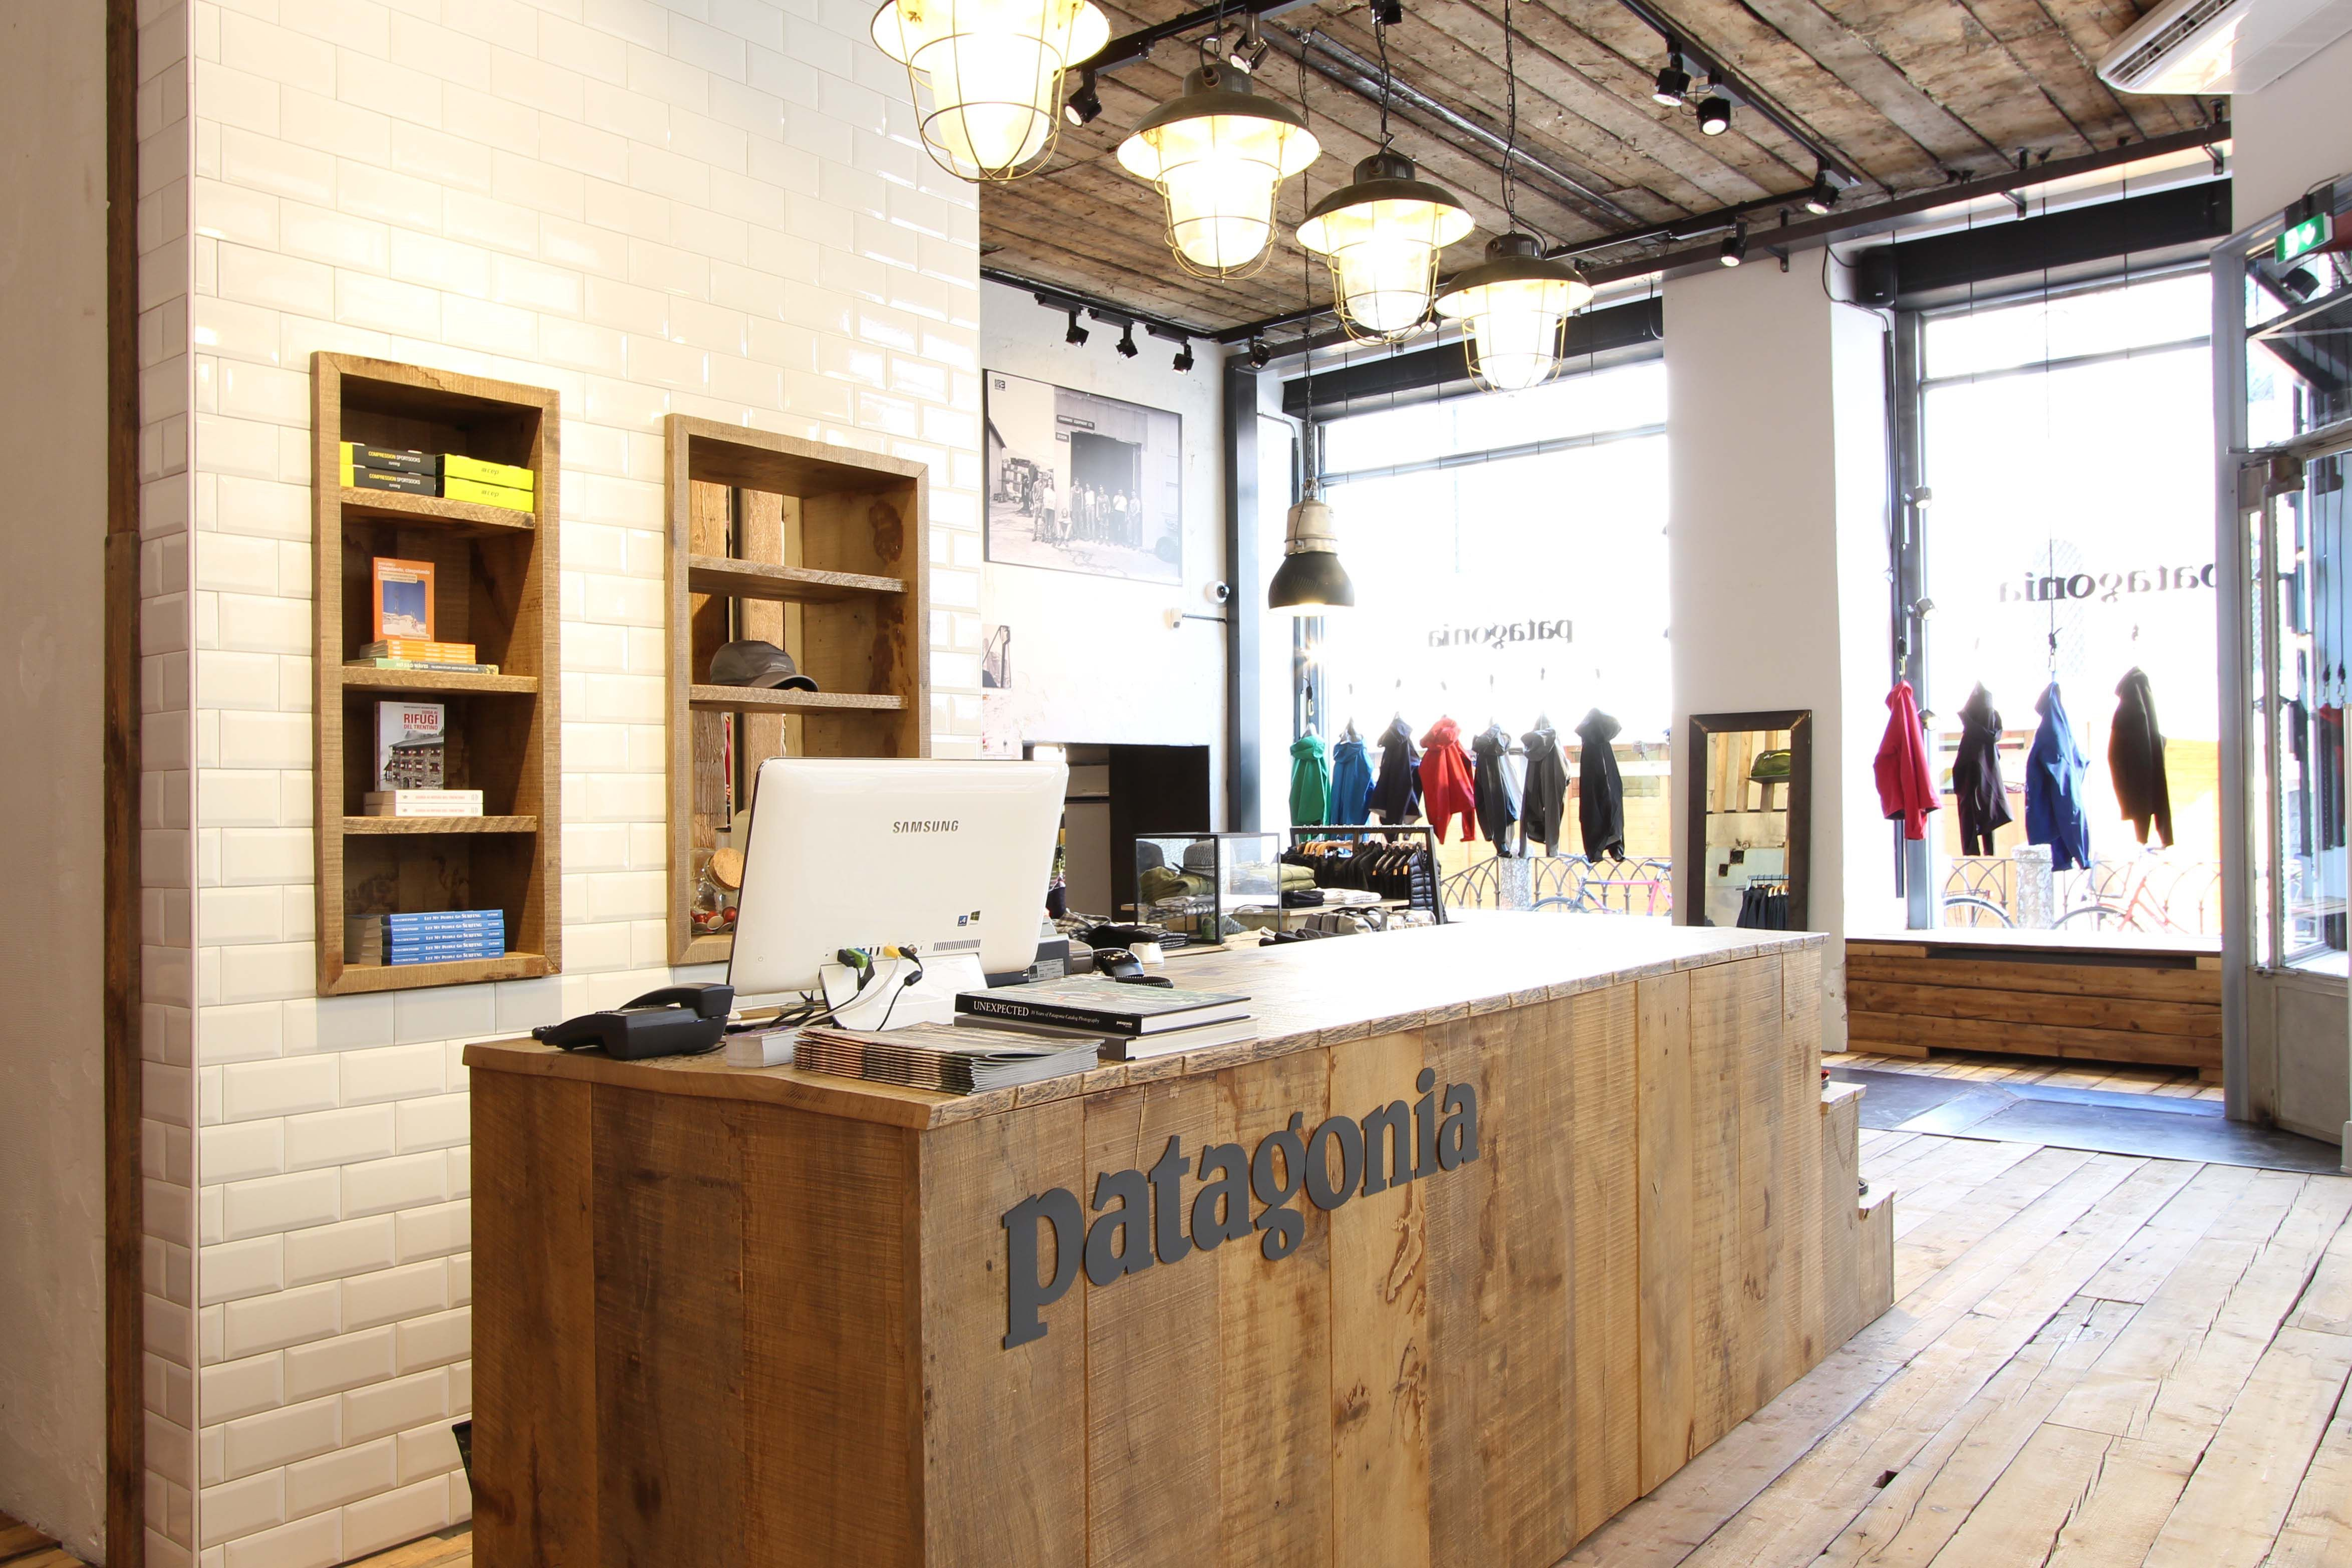 patagonia retail design interior design store trento